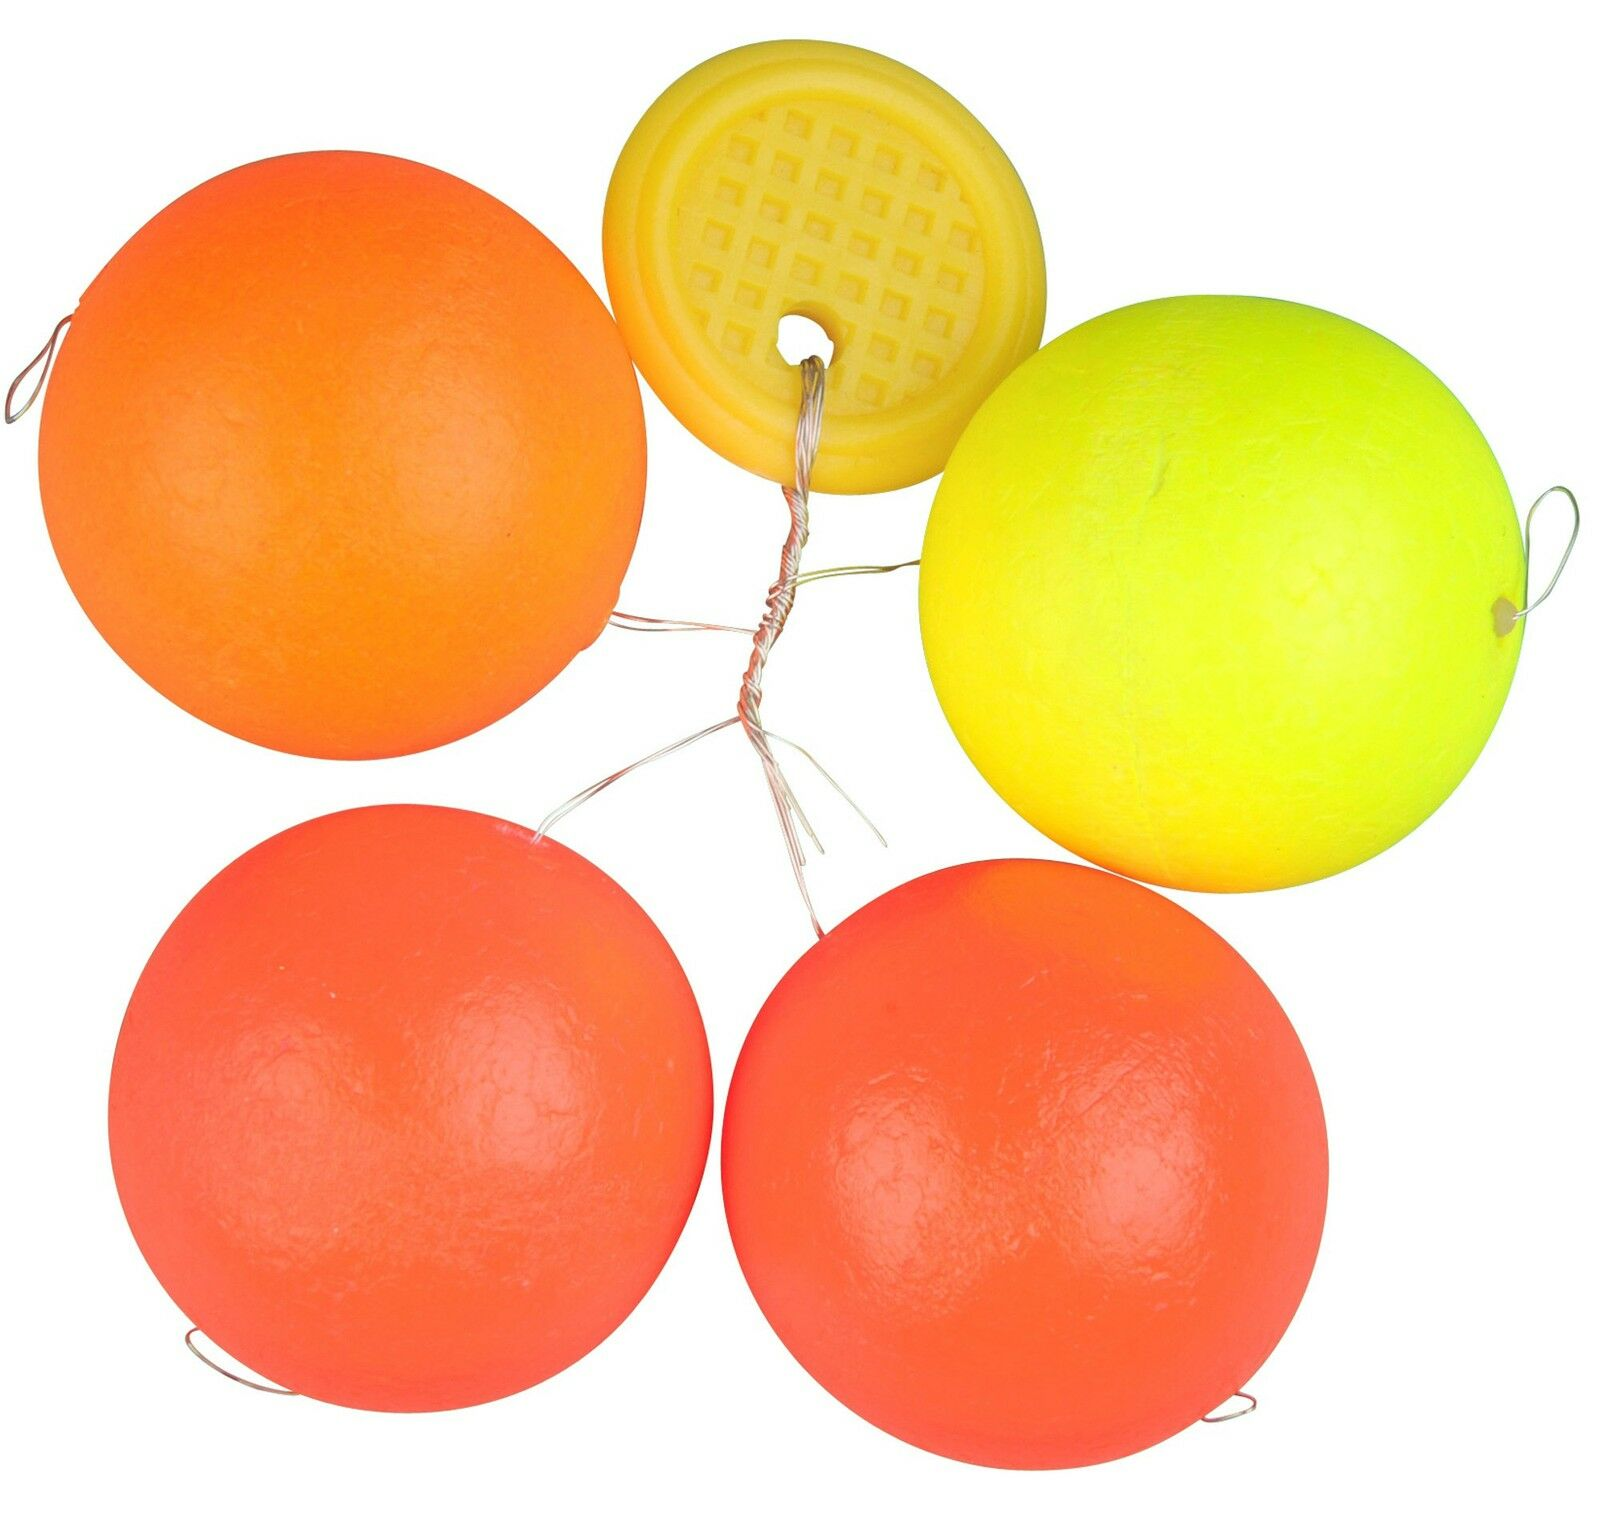 FTM Trout Piloten rund orange//gelb 3 Pilotposen zum Forellenangeln Bissanzeiger zum Angeln auf Forellen am Forellensee